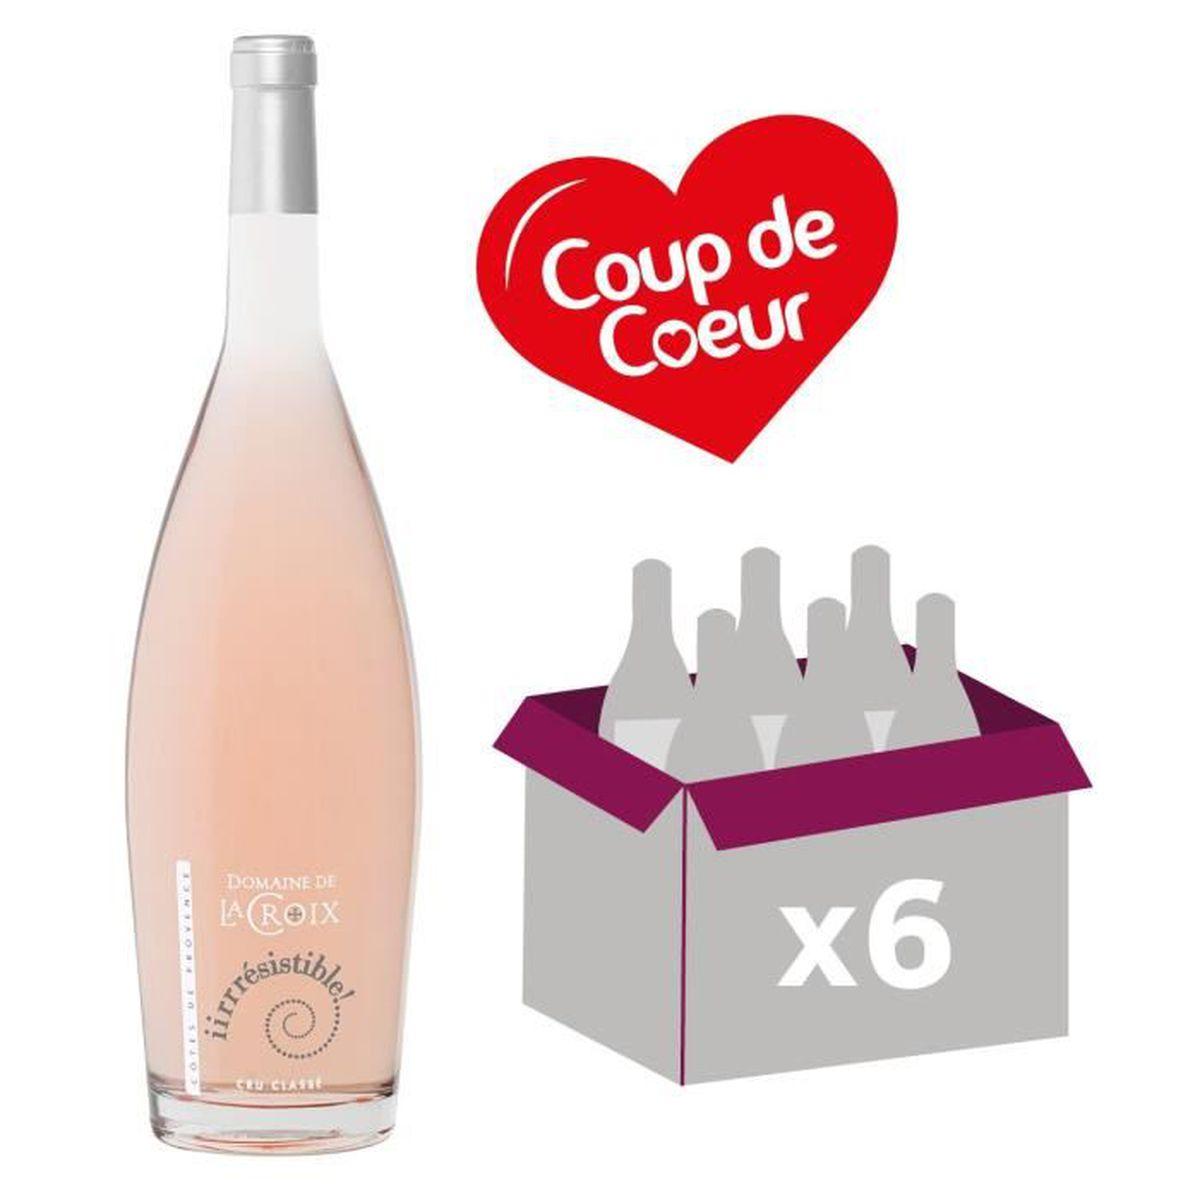 VIN ROSÉ Domaine de La Croix Cuvée Irrésistible 2016 Cru Cl